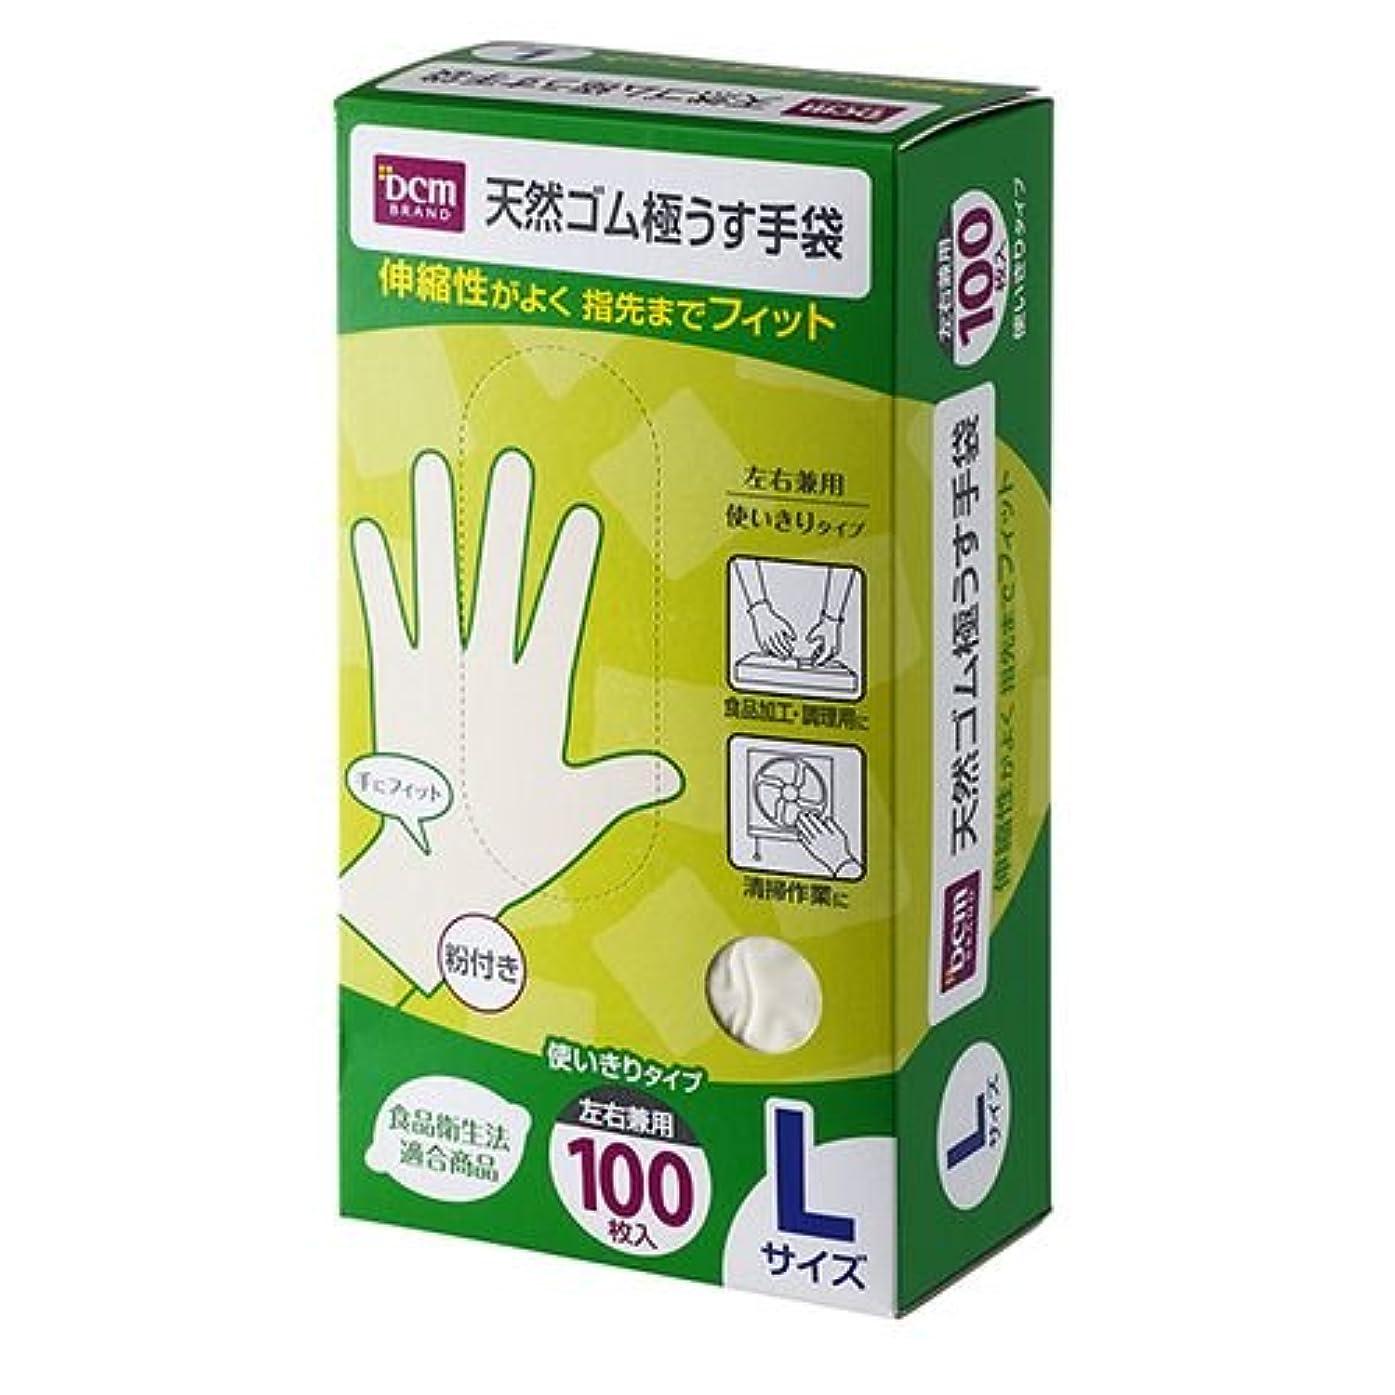 違反同様の王子天然ゴム 極うす 手袋 HI06T81 L 100枚入 L